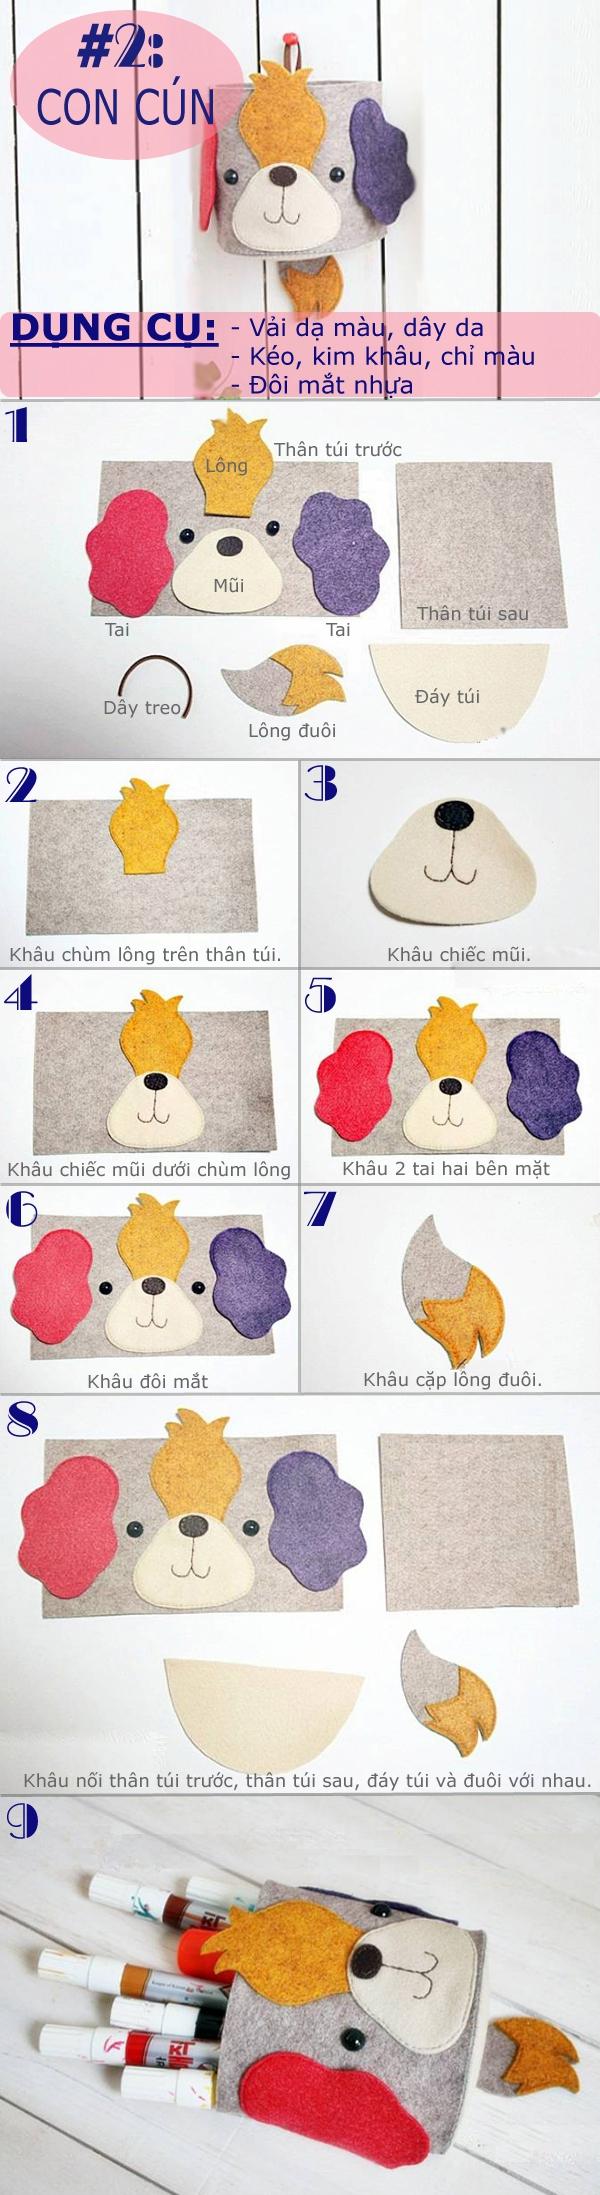 Sưu tập cách làm các kiểu túi treo ngộ nghĩnh tiện ích 2